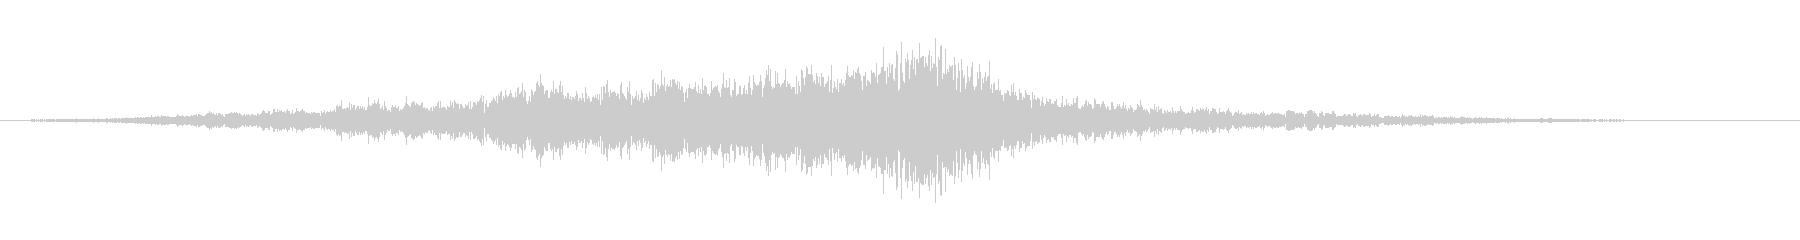 ドップラーパスの未再生の波形